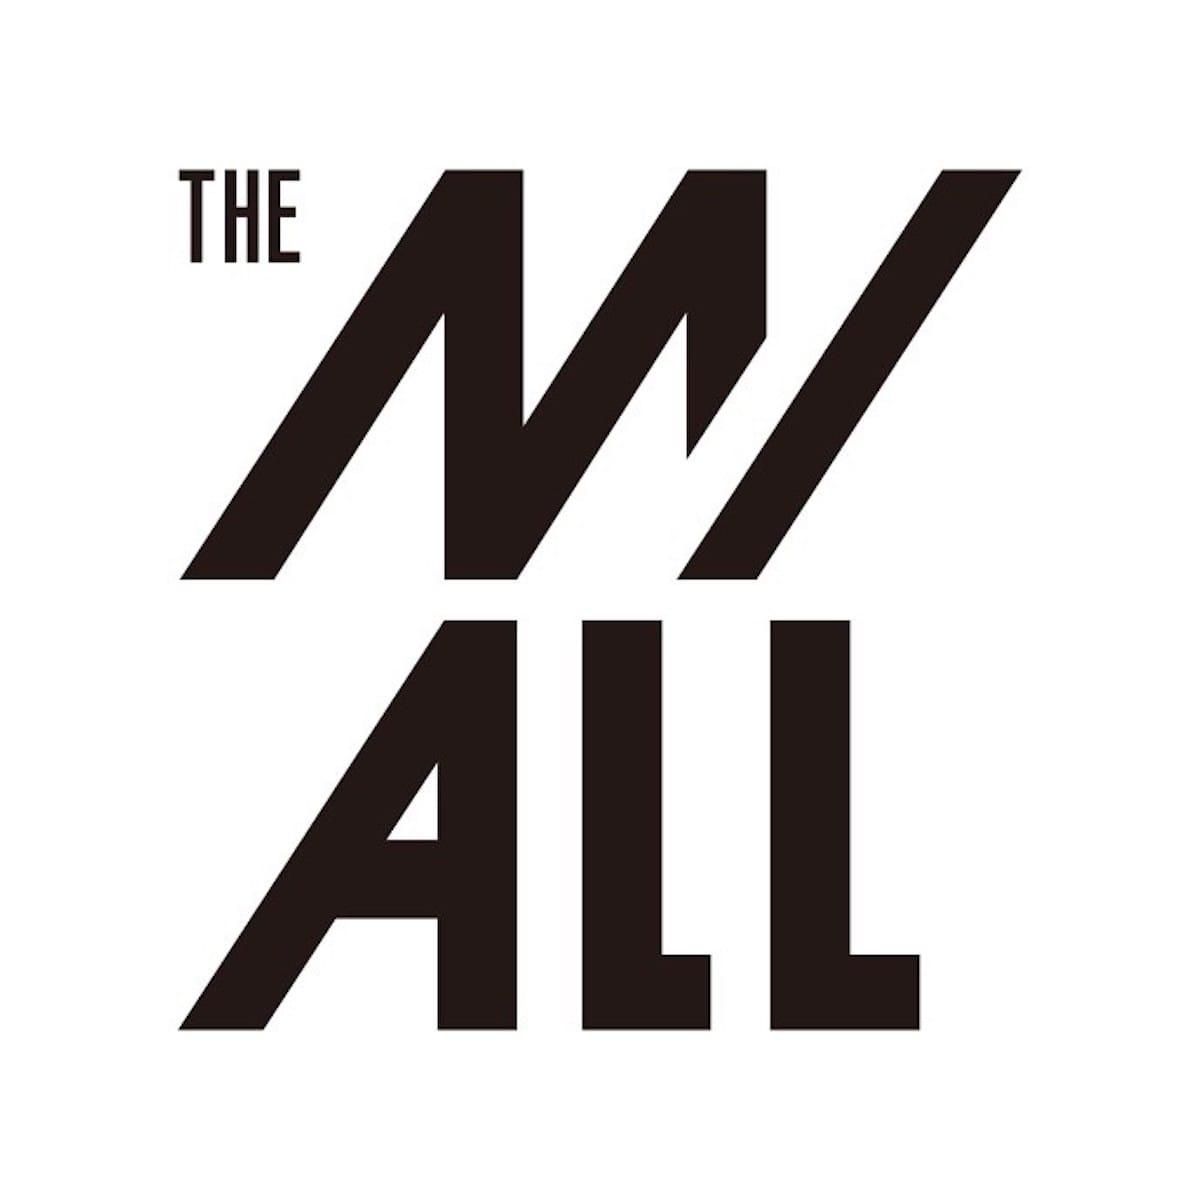 """「音楽」「アート」「社会」をひとつに繋ぐ""""カルチャーのショッピングモール""""「THE M/ALL」初開催決定 artculture180320_themall0526_4-1200x1200"""